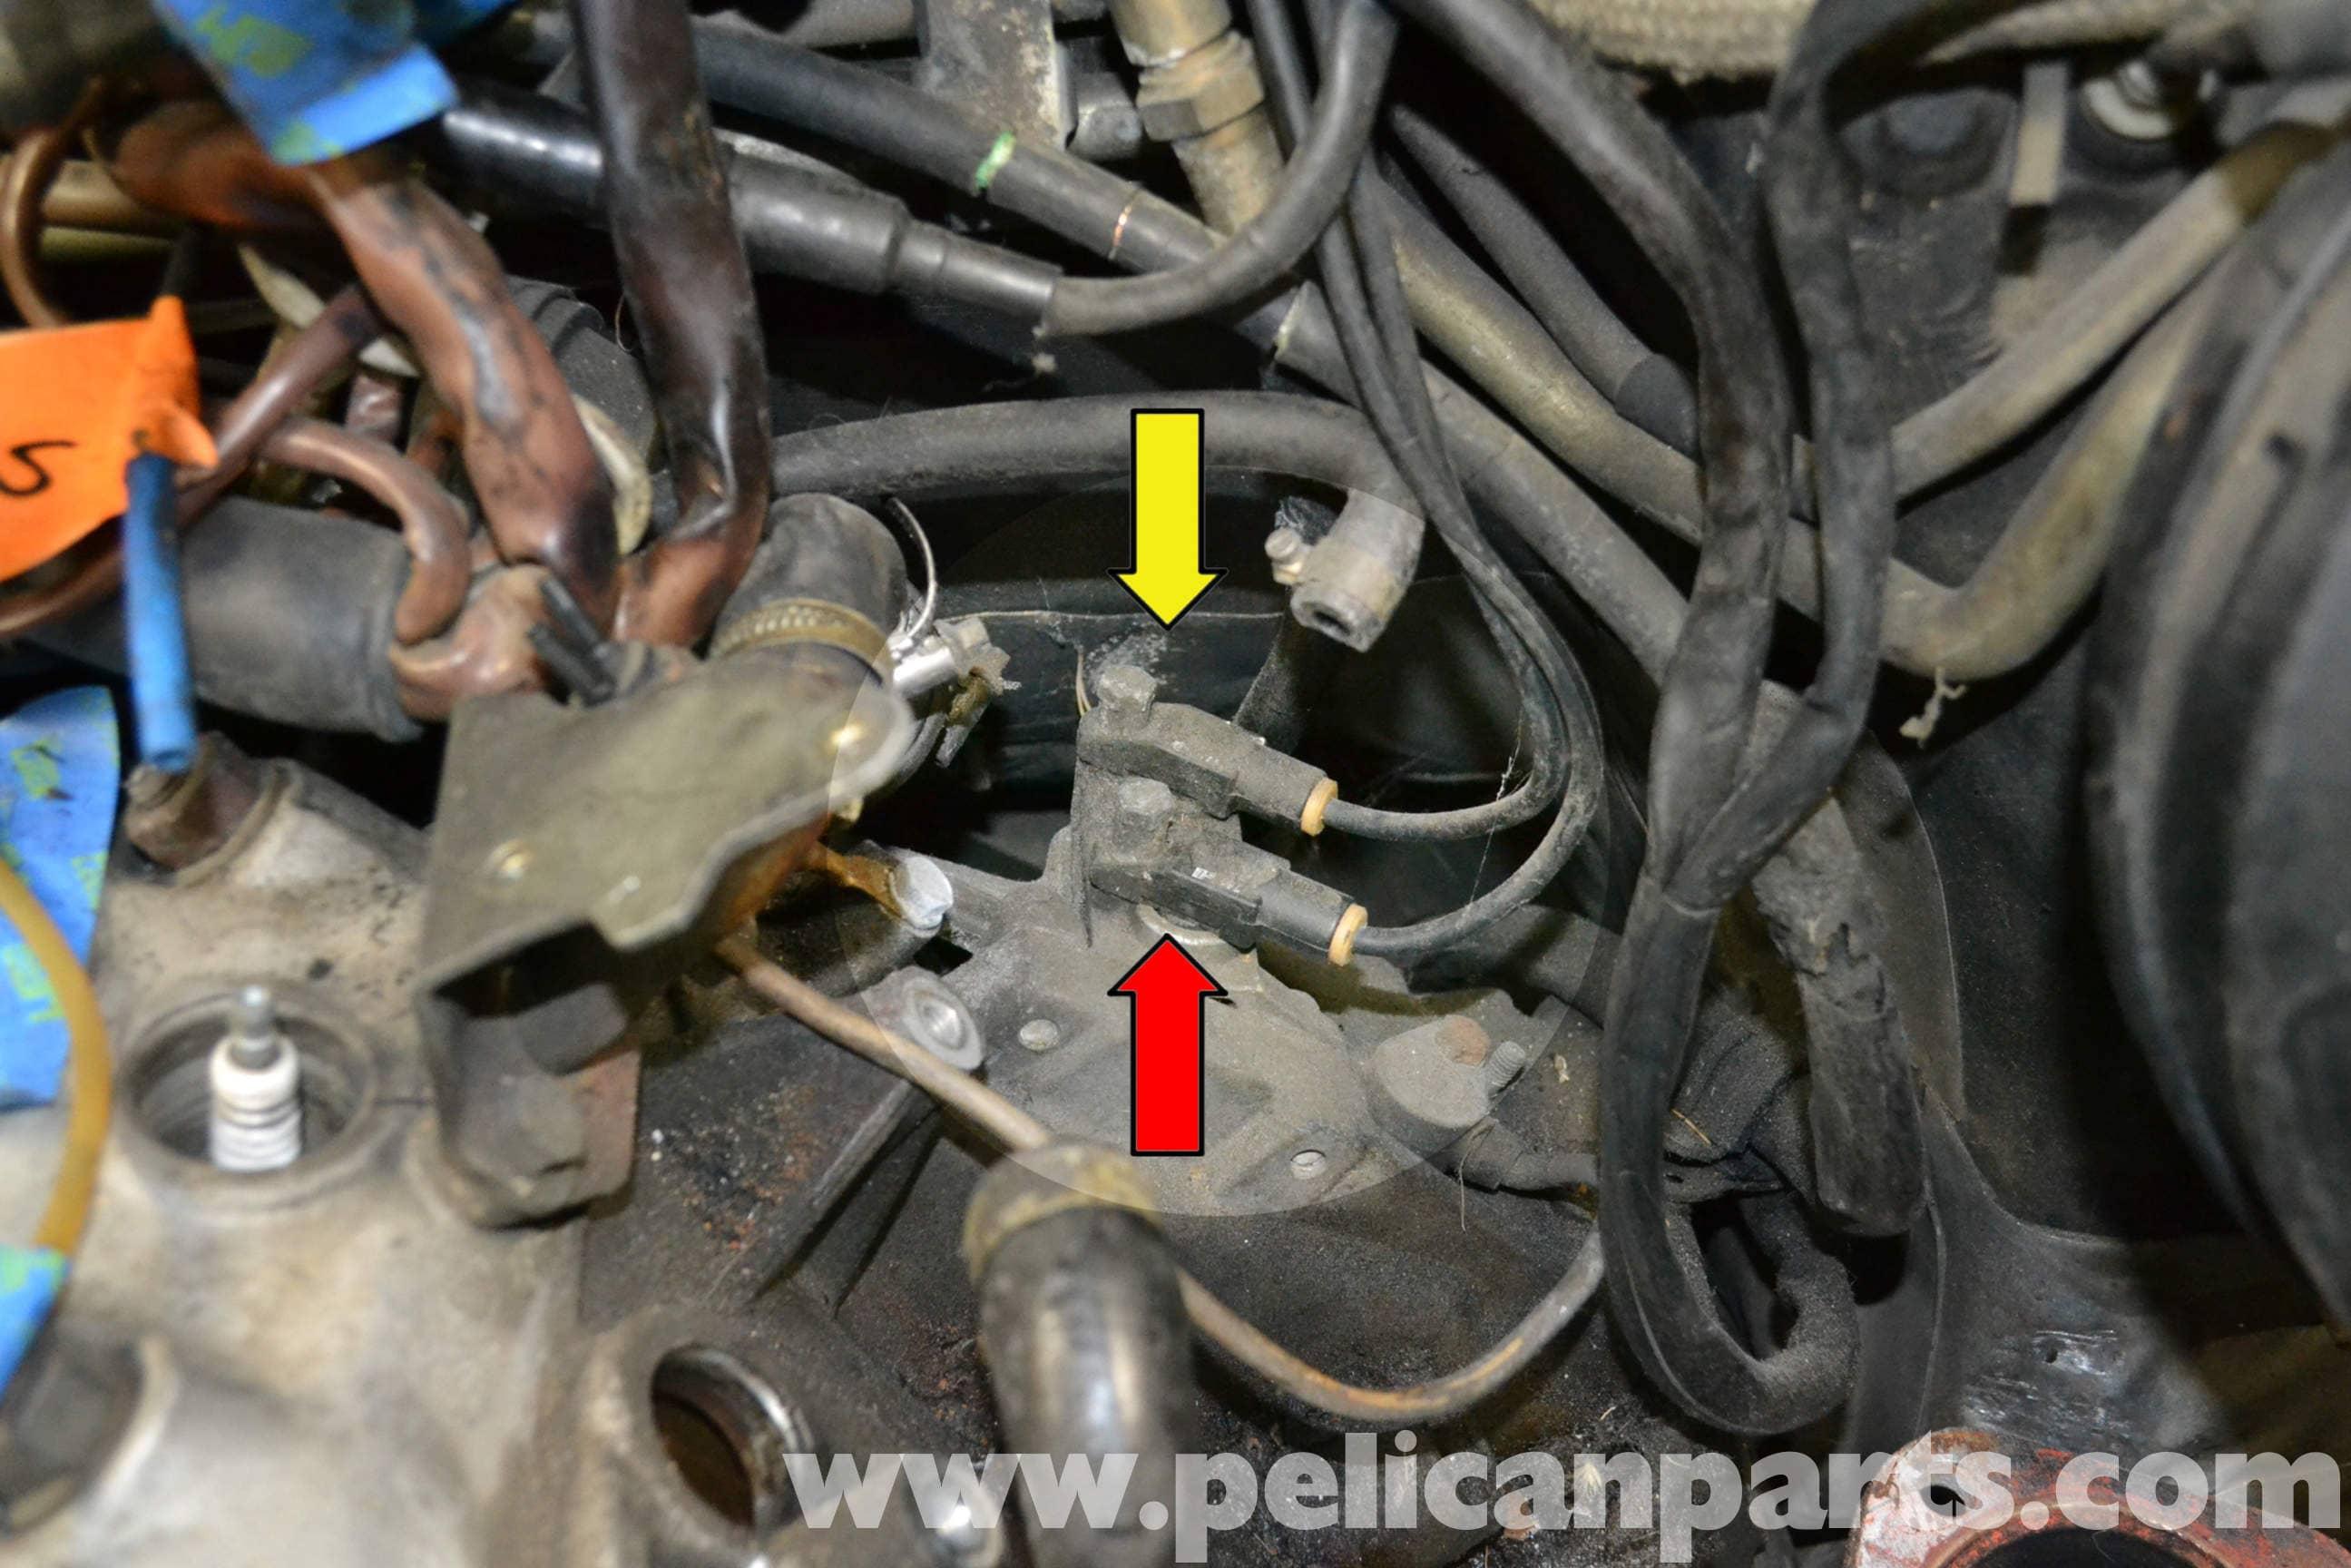 Porsche 944 Turbo Clutch Replacement (1986-1991) | Pelican